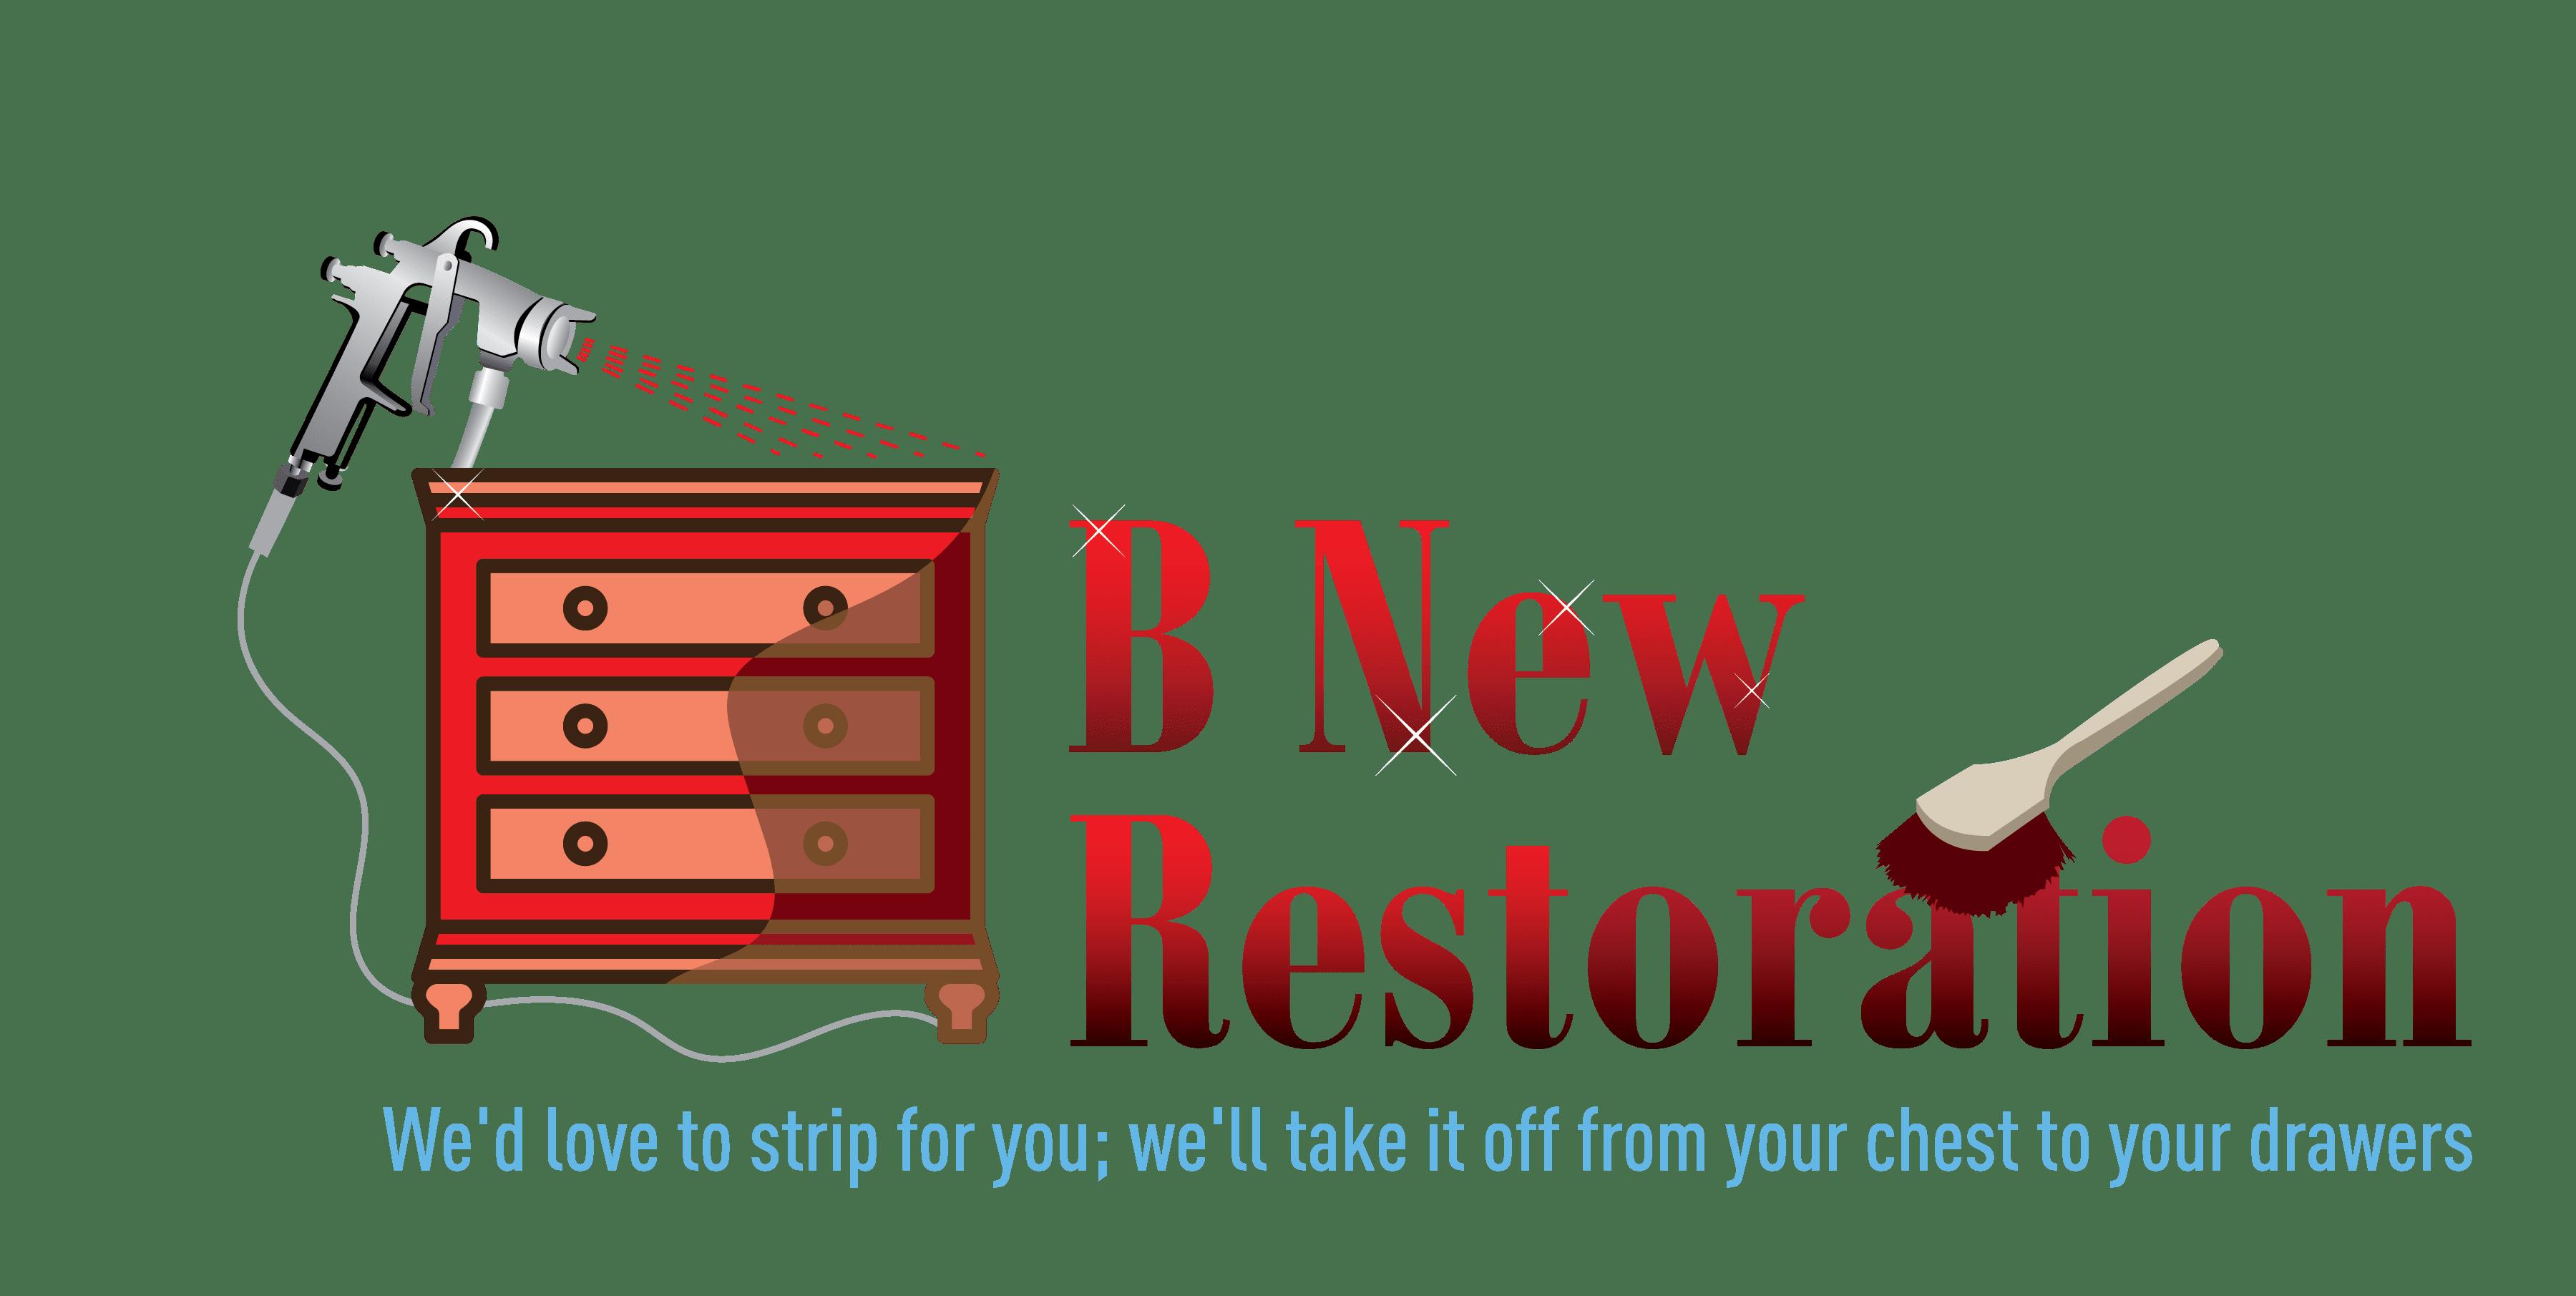 Wood cabinet repair benton. Furniture clipart furniture logo